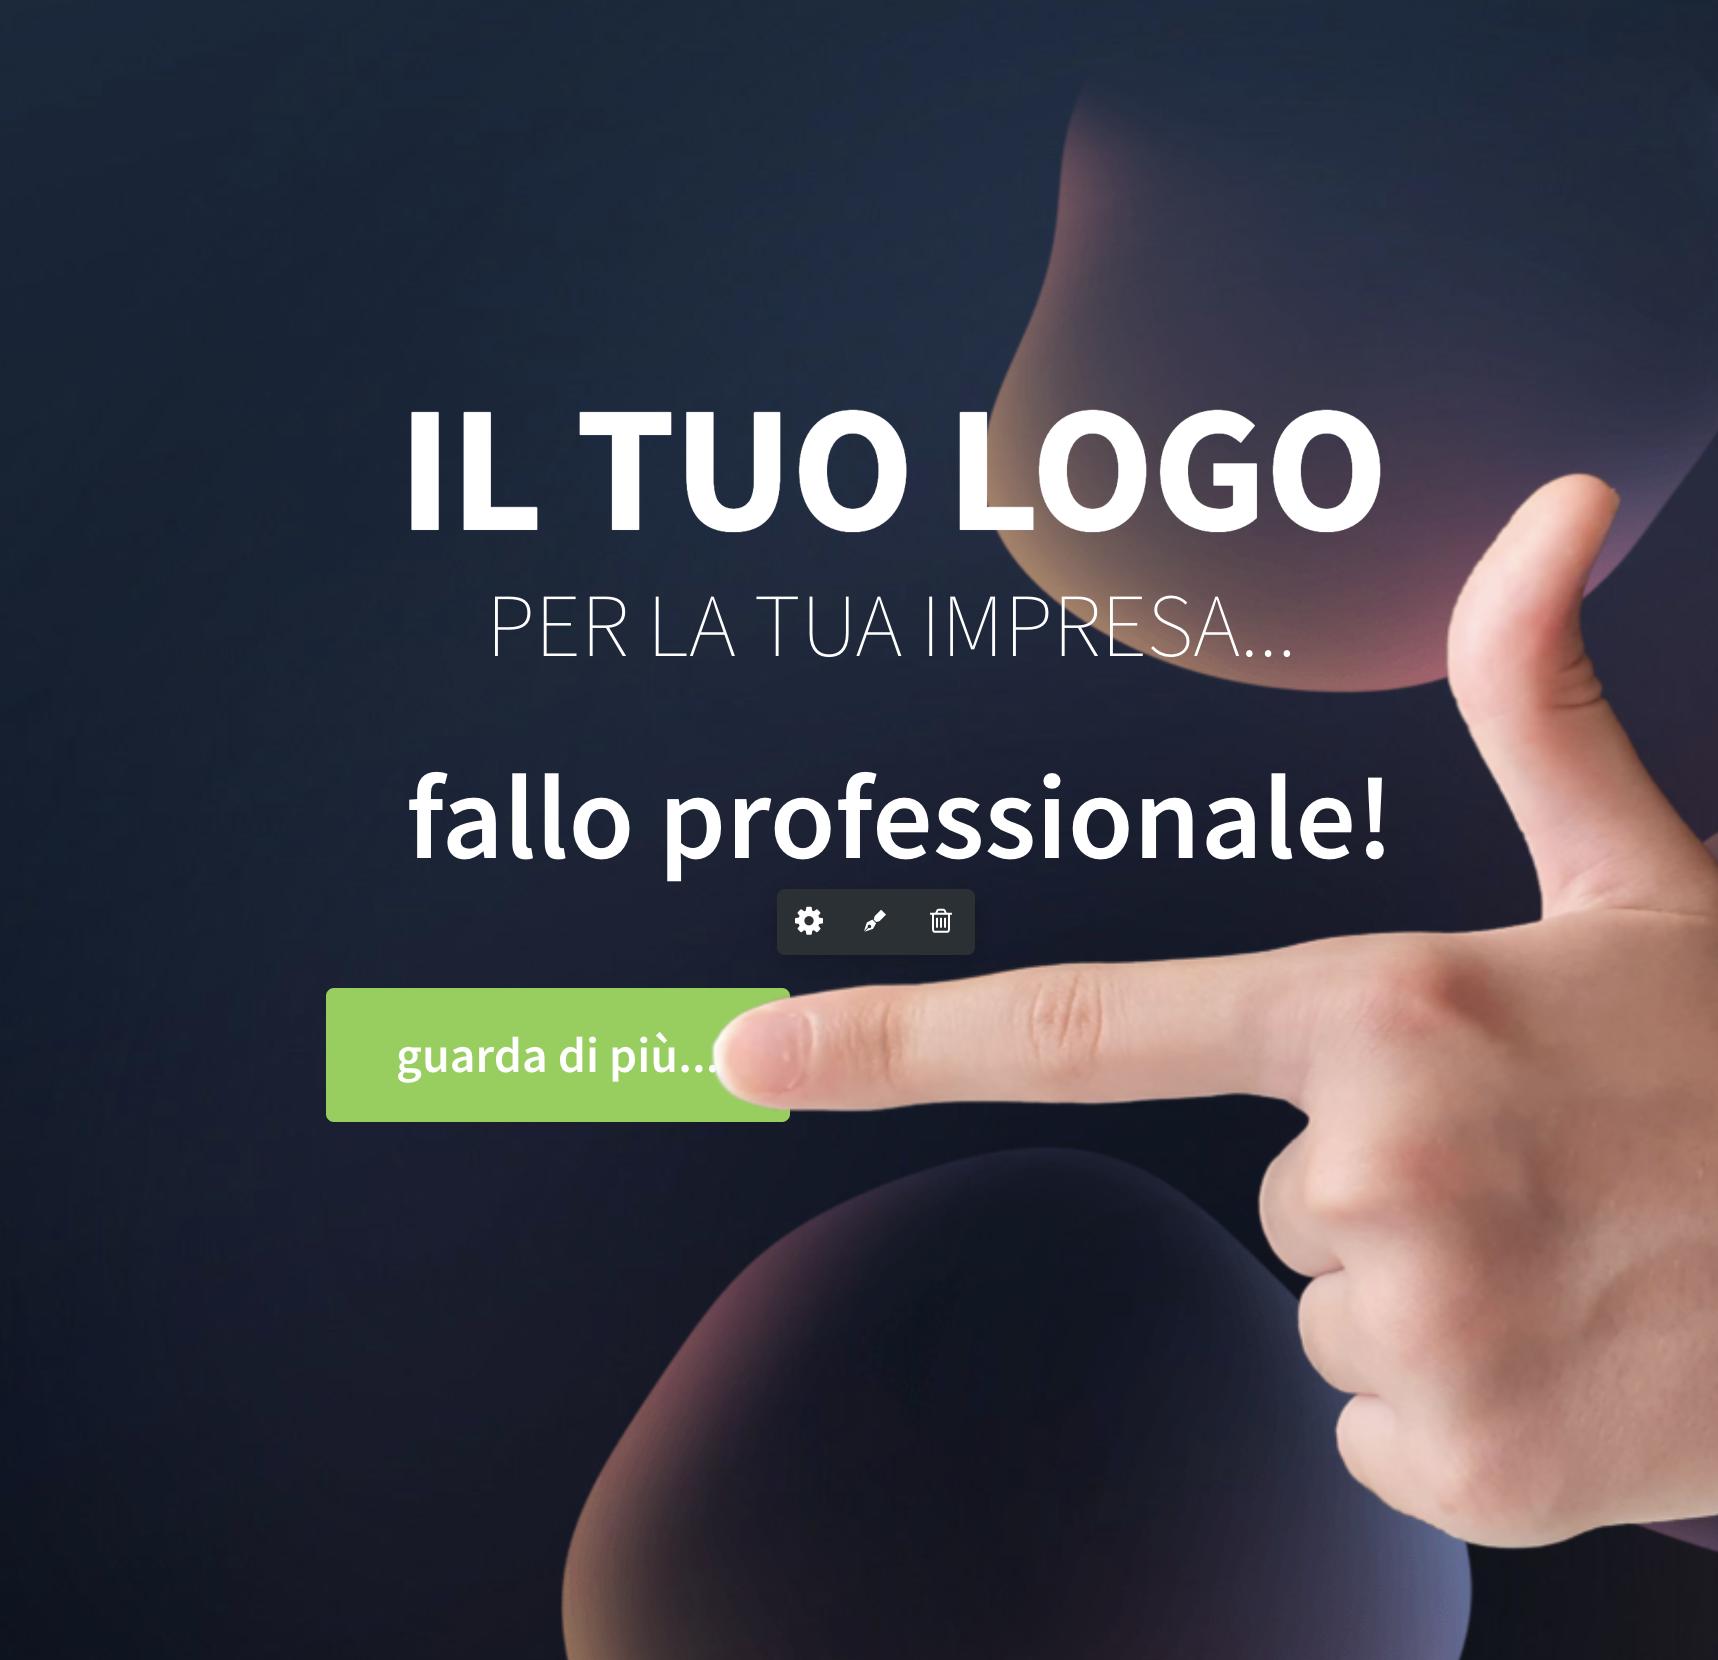 il tuo logo